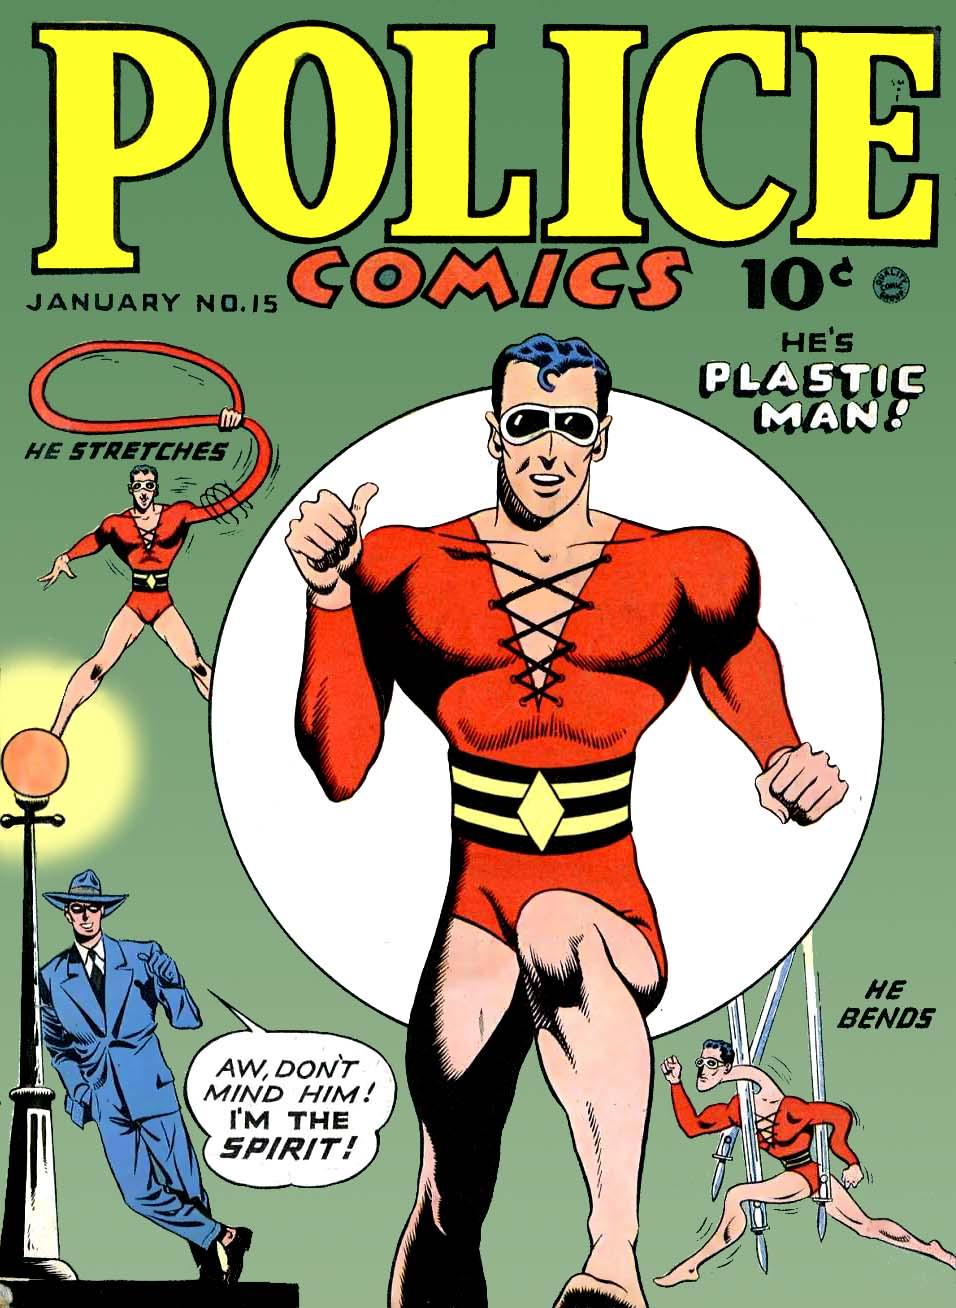 Plastic Man Wikipedia